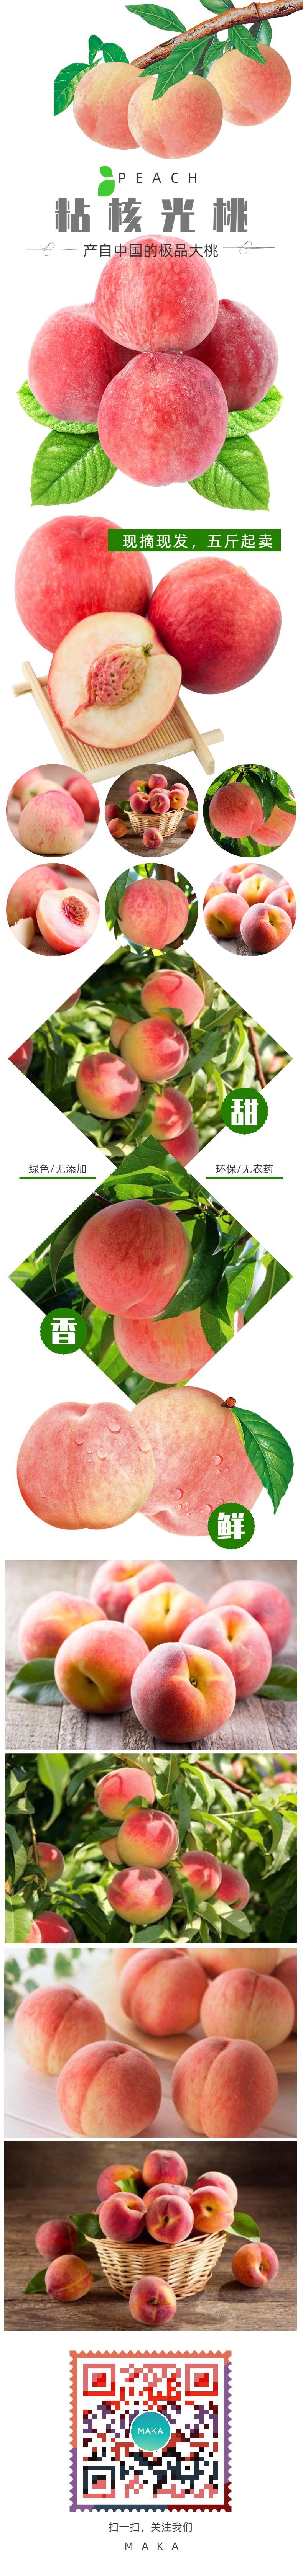 桃子扁平简约产品详情页海报模板